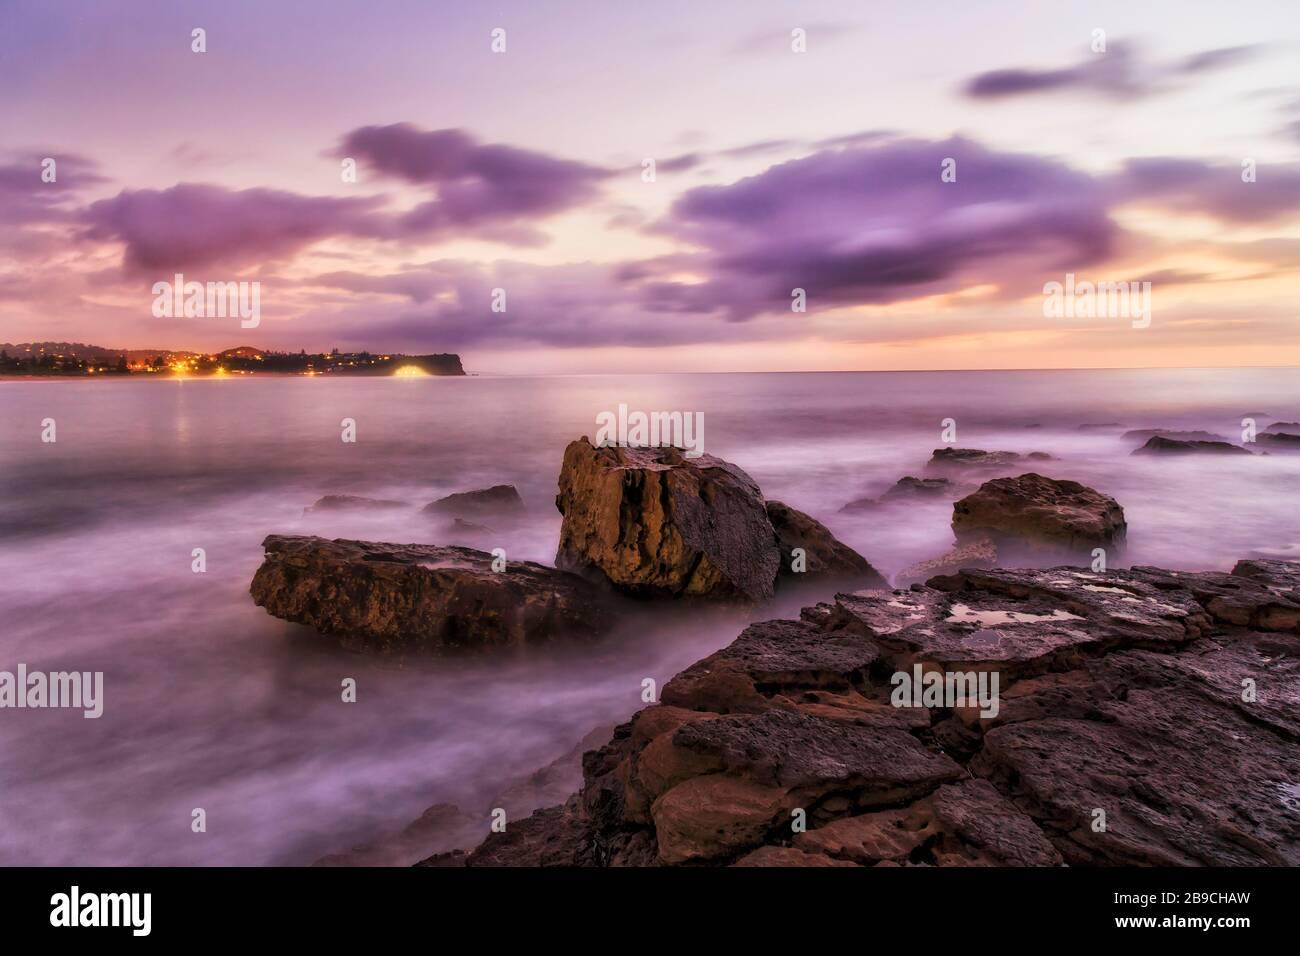 Des roches de grès mouillées de Turimetta se dirigeant sur les plages du nord de Sydney au lever du soleil. Banque D'Images